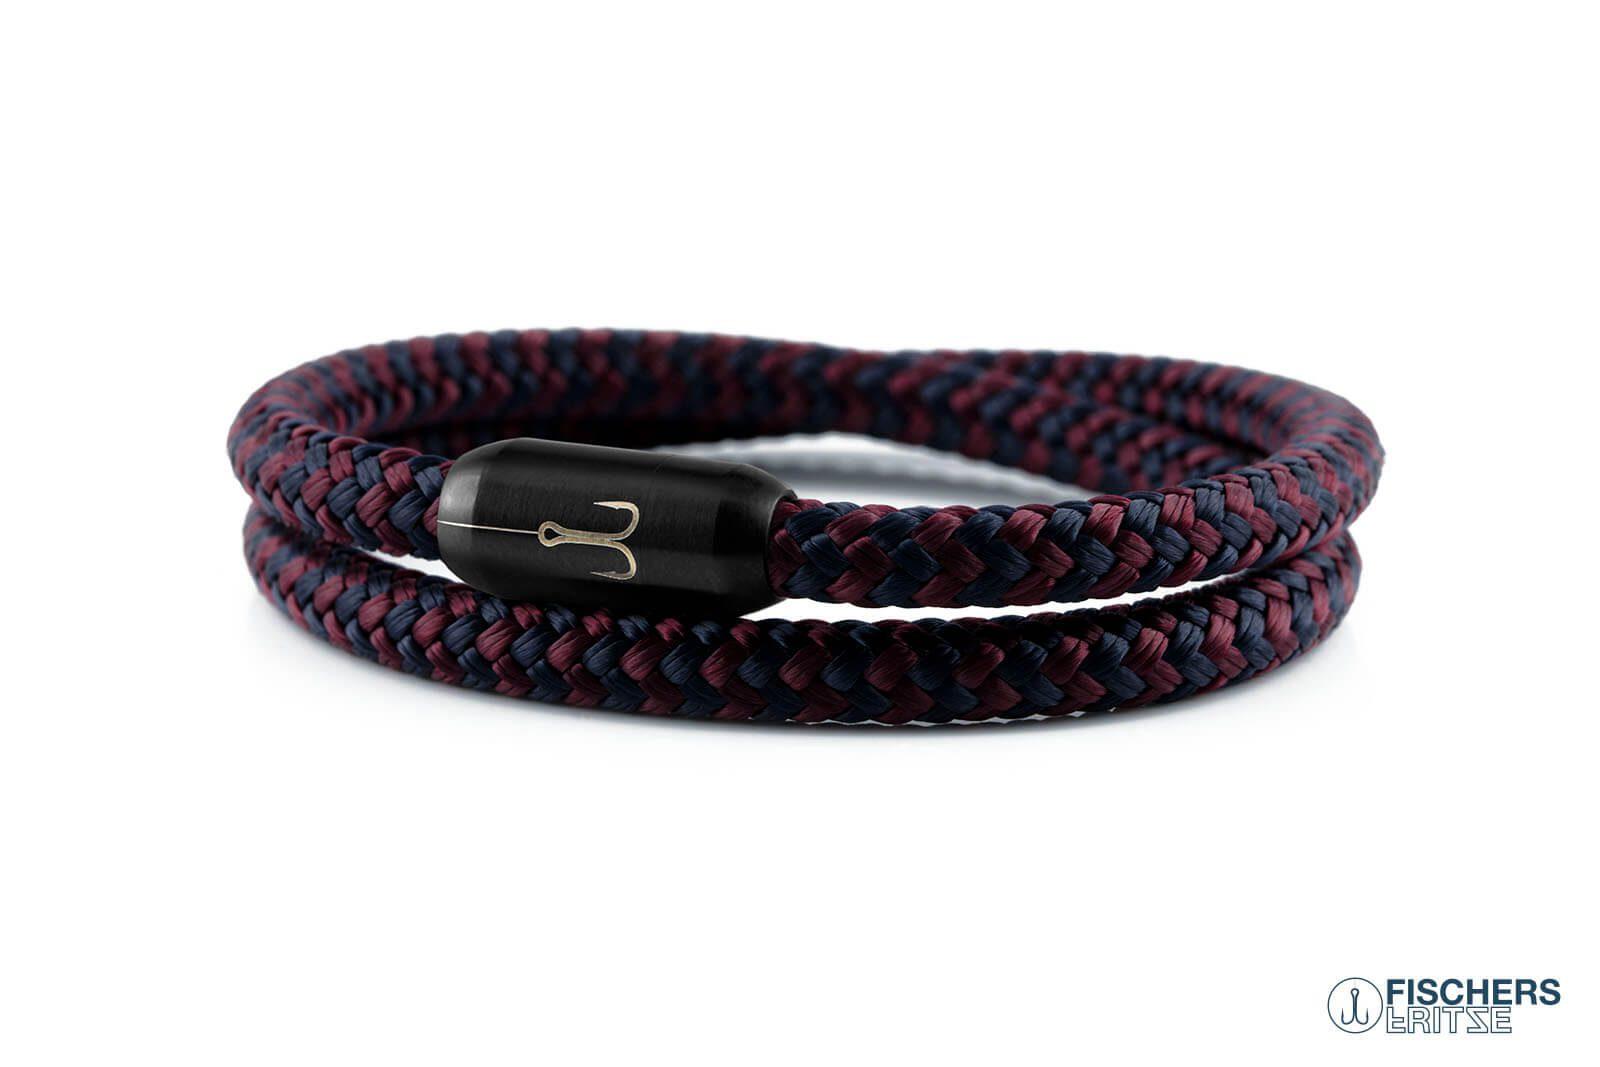 Wickelarmband Fischers Fritze, Torpedogarnele Segeltau marineblau dunkelrot, Gravur Edelstahl-Magnetverschluss schwarz